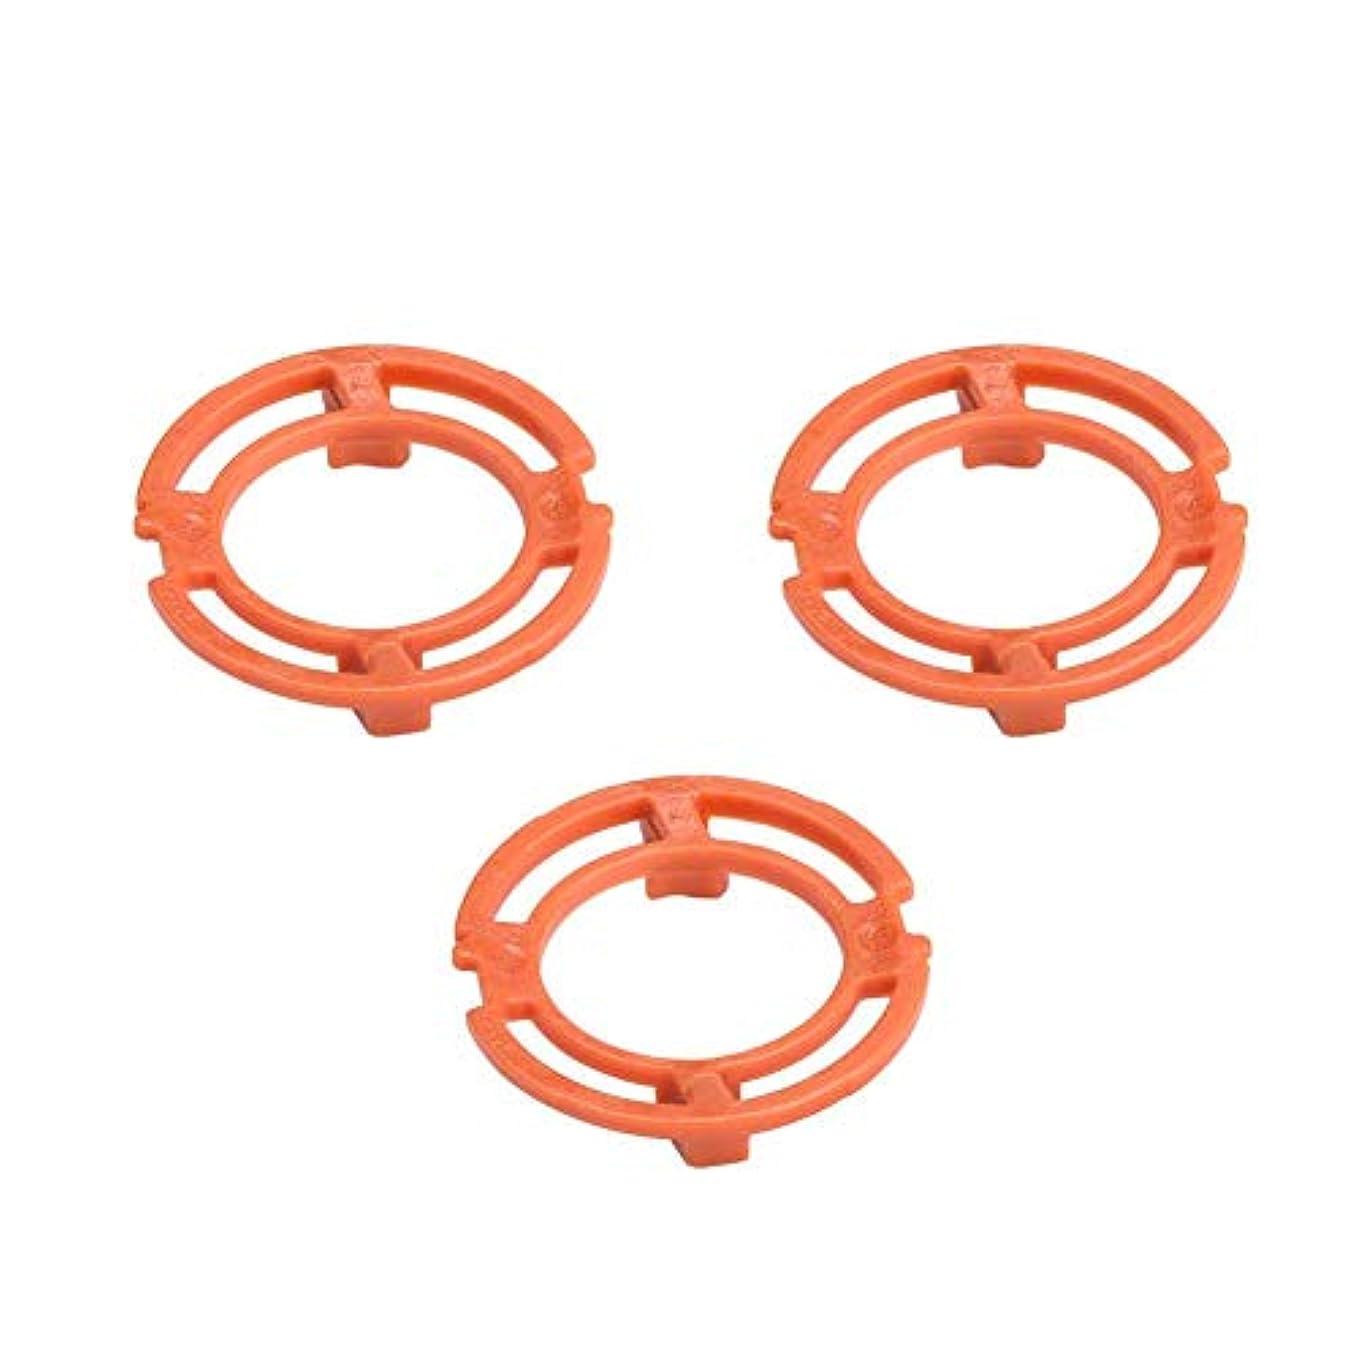 スリップシューズ取り囲むスピンシェーバーヘッドフレームホルダーカバー ブレードフレーム ブレード保持リング Philips Norelco 7000 9000 RQ12シリーズに適用 シェーバー用消耗品 アクセサリ 交換部品 オレンジ 3PCS